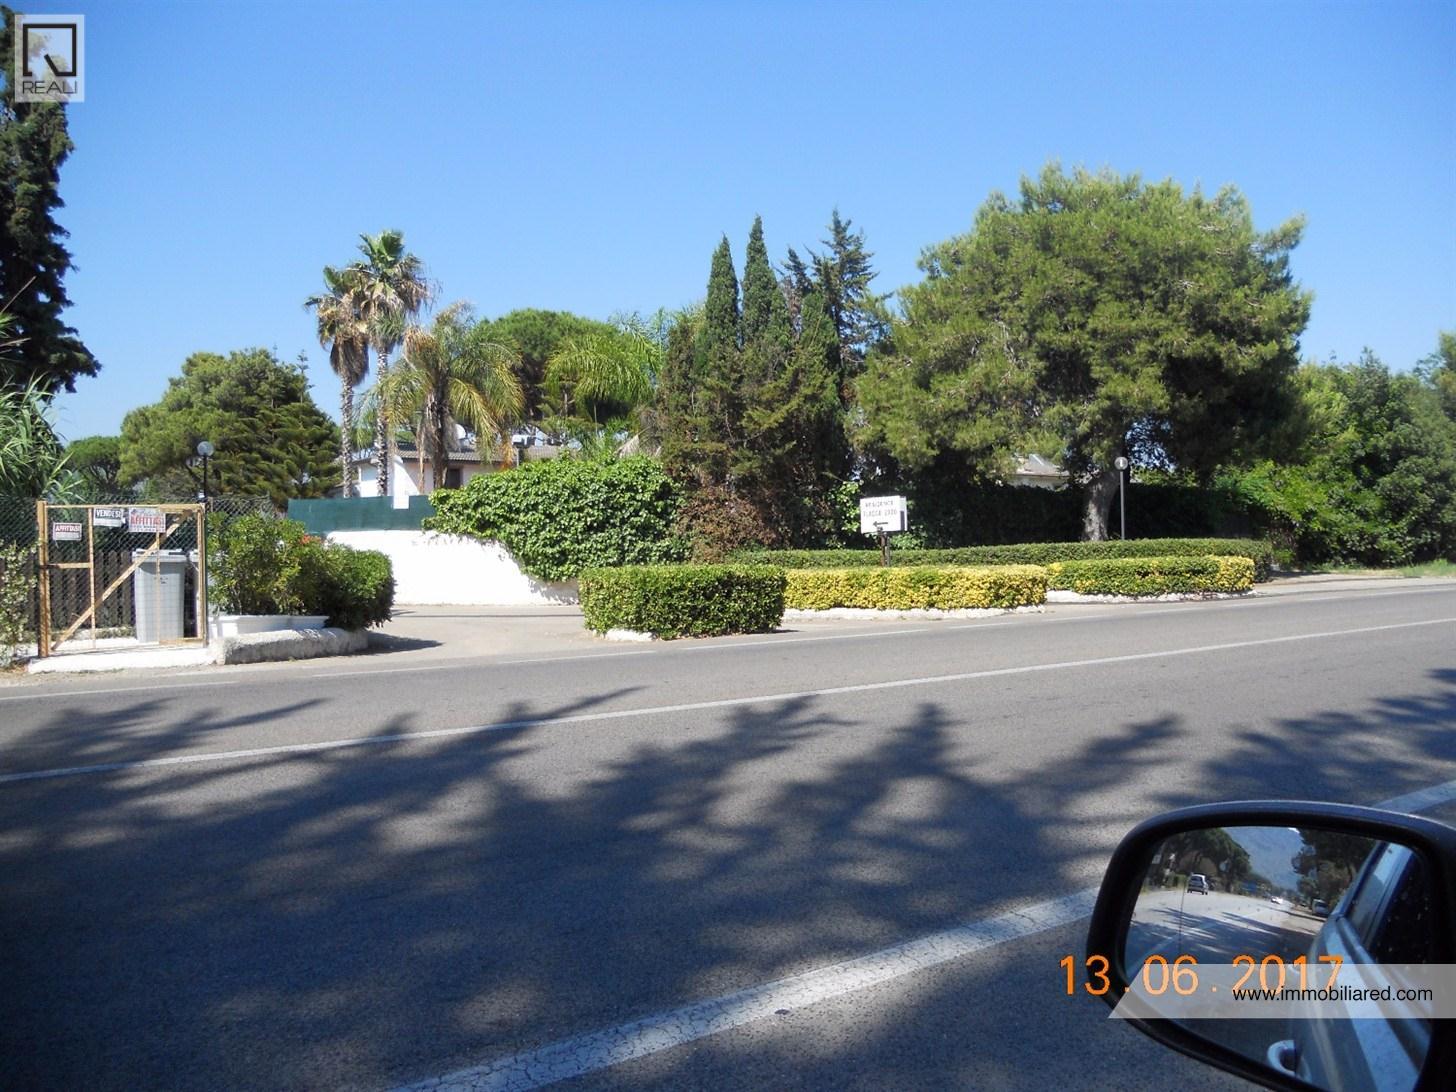 Casa terracina appartamenti e case in vendita a terracina for Case in vendita terracina